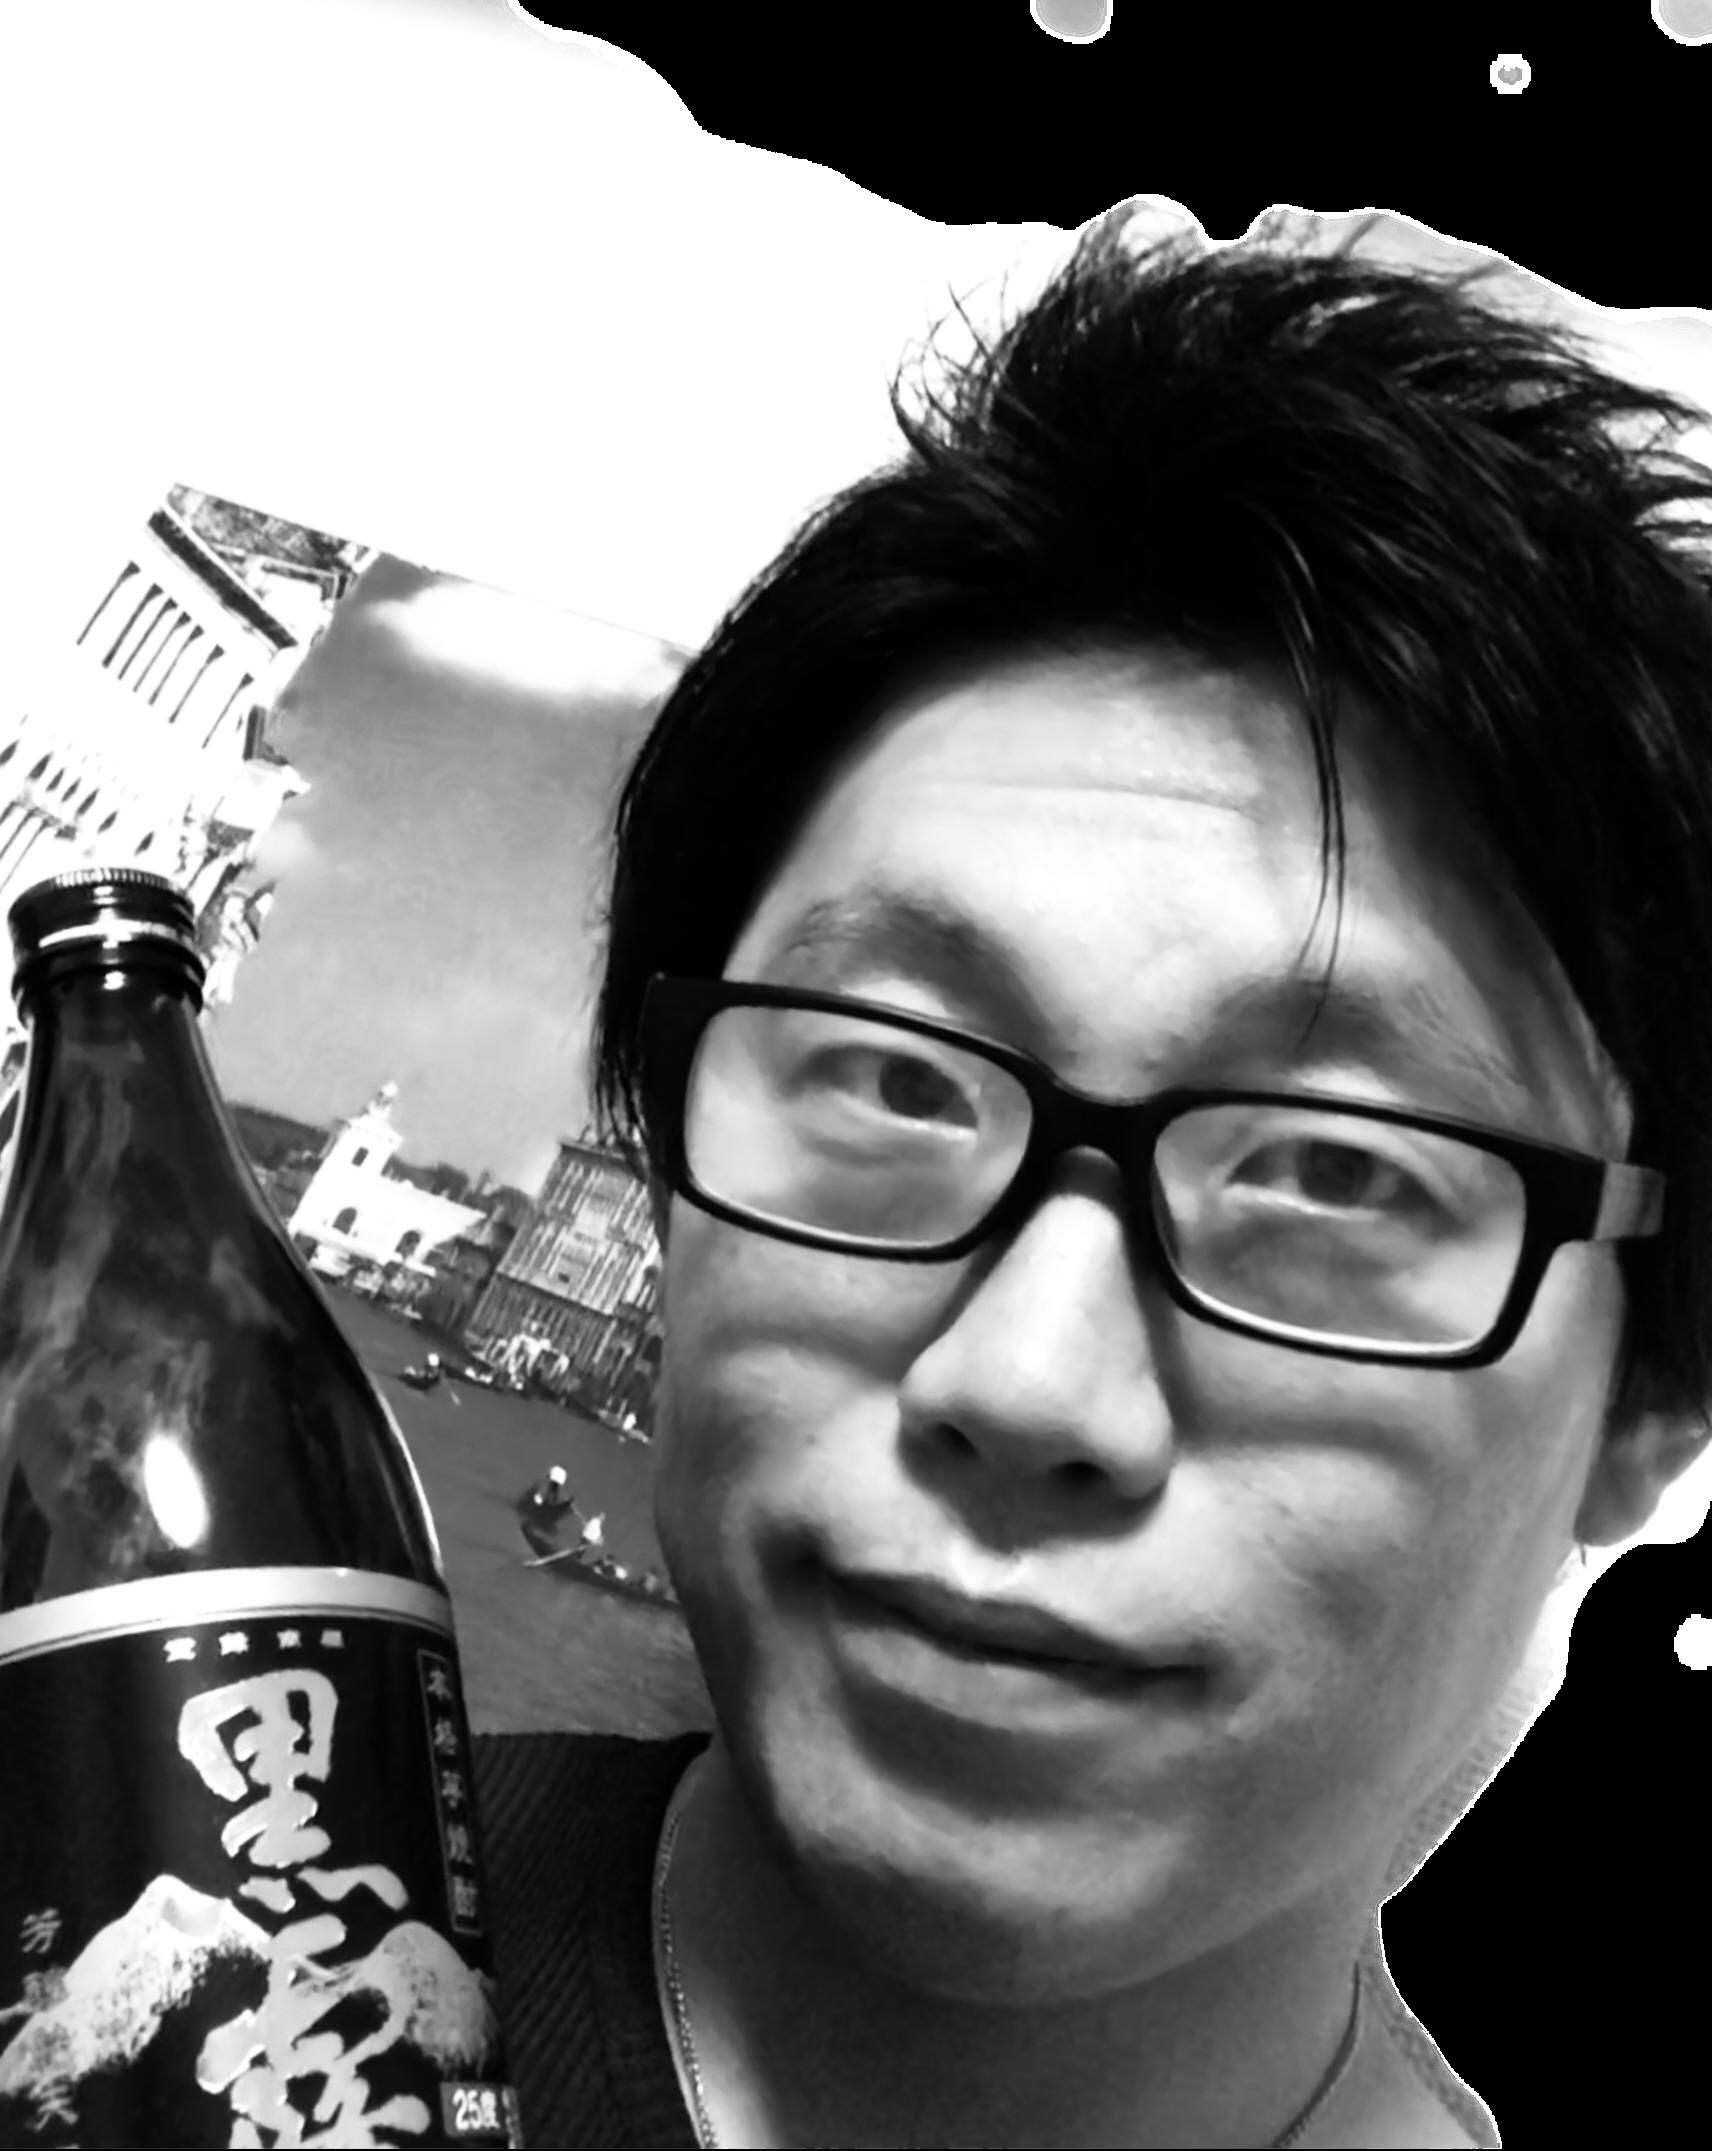 N.ryosuke